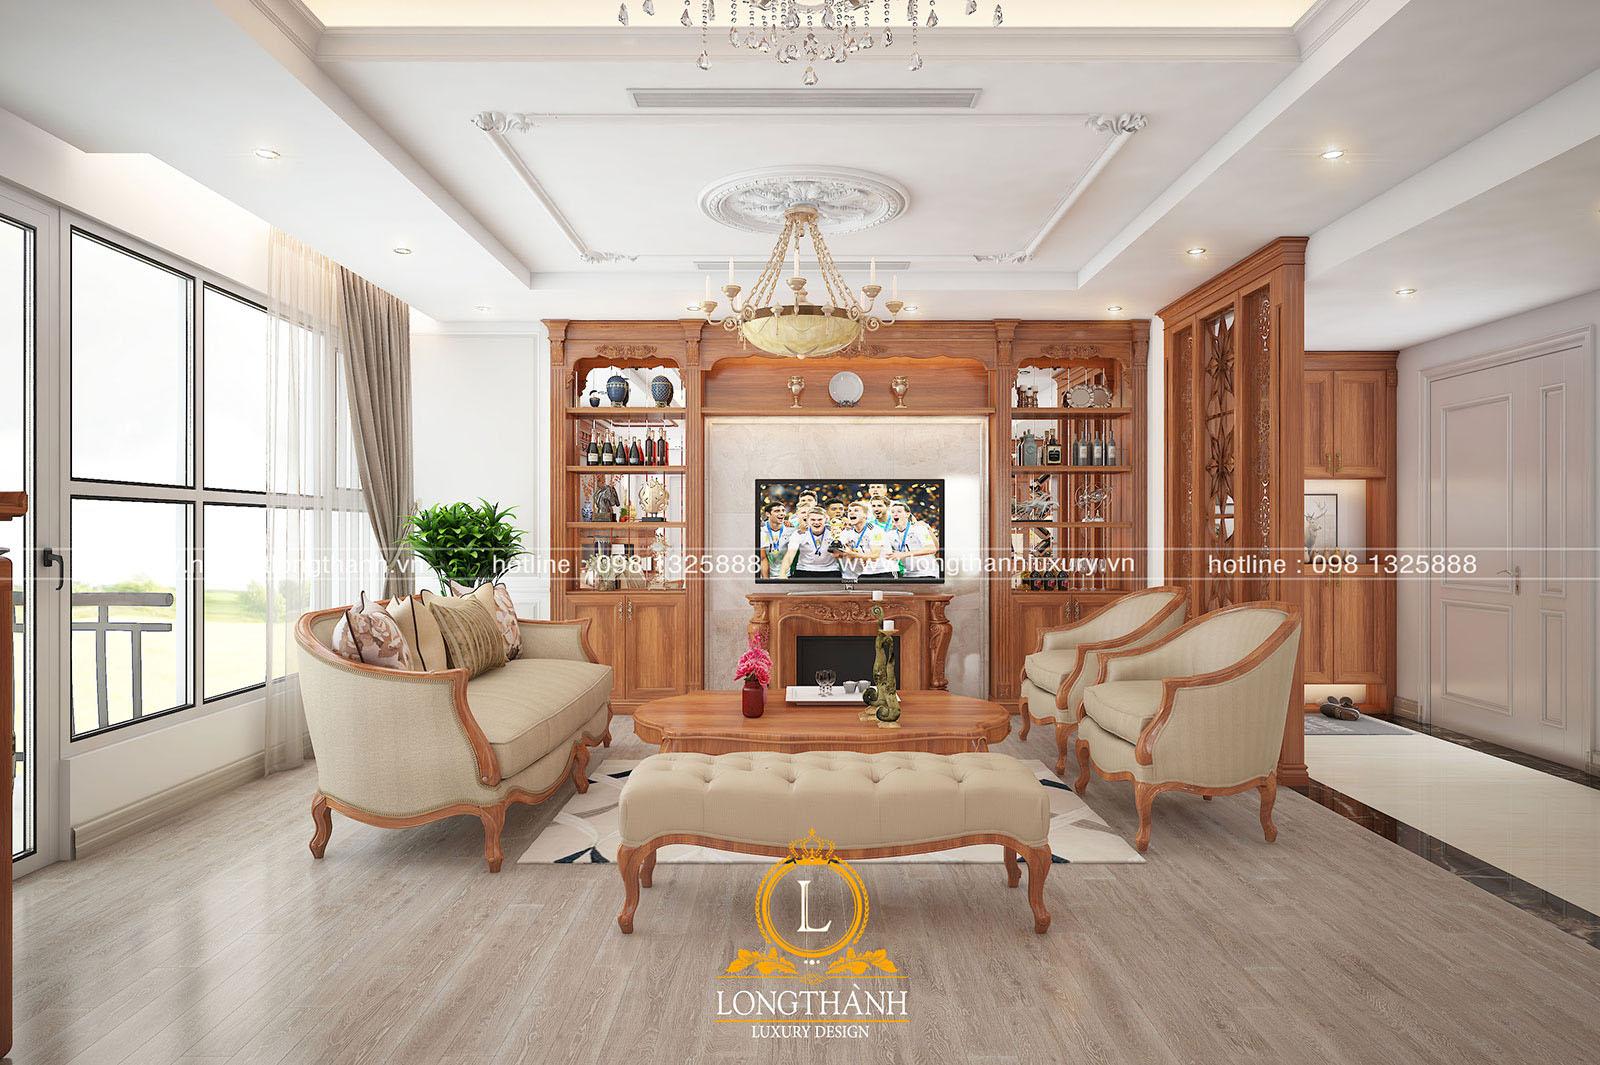 Tủ trang trí đơn giản trong không gian phòng khách tân cổ điển